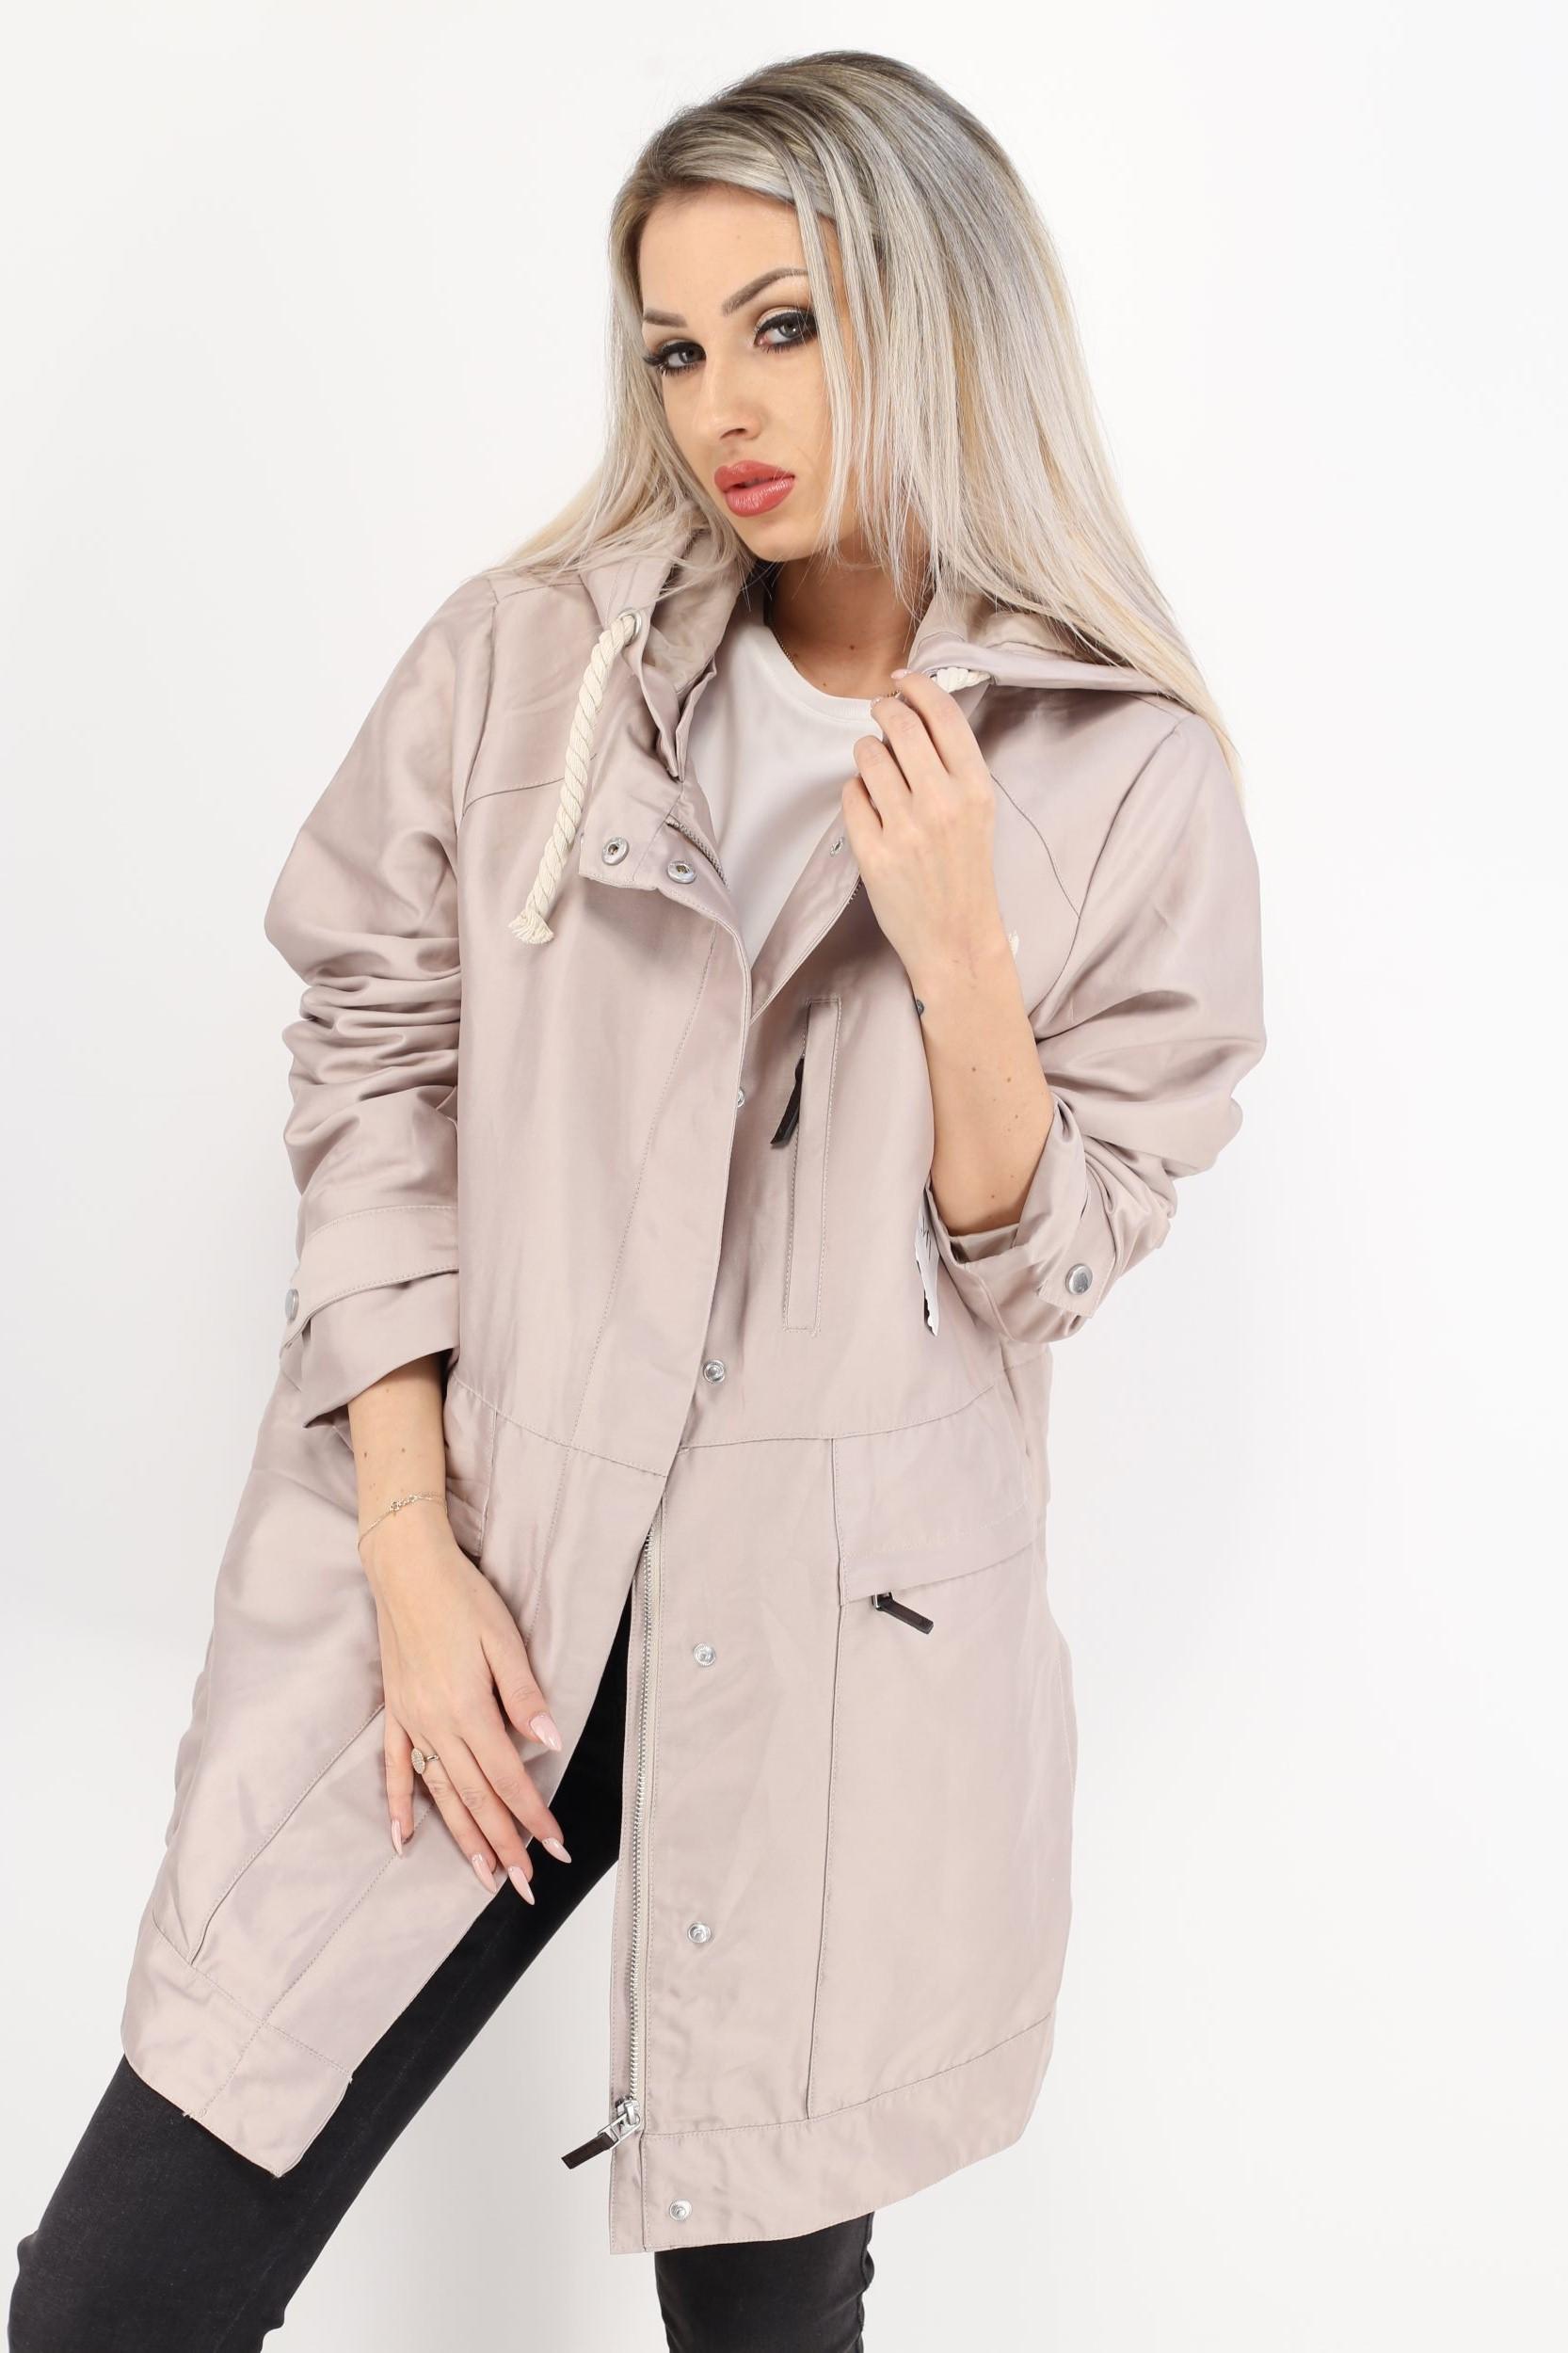 haină lungă subțire